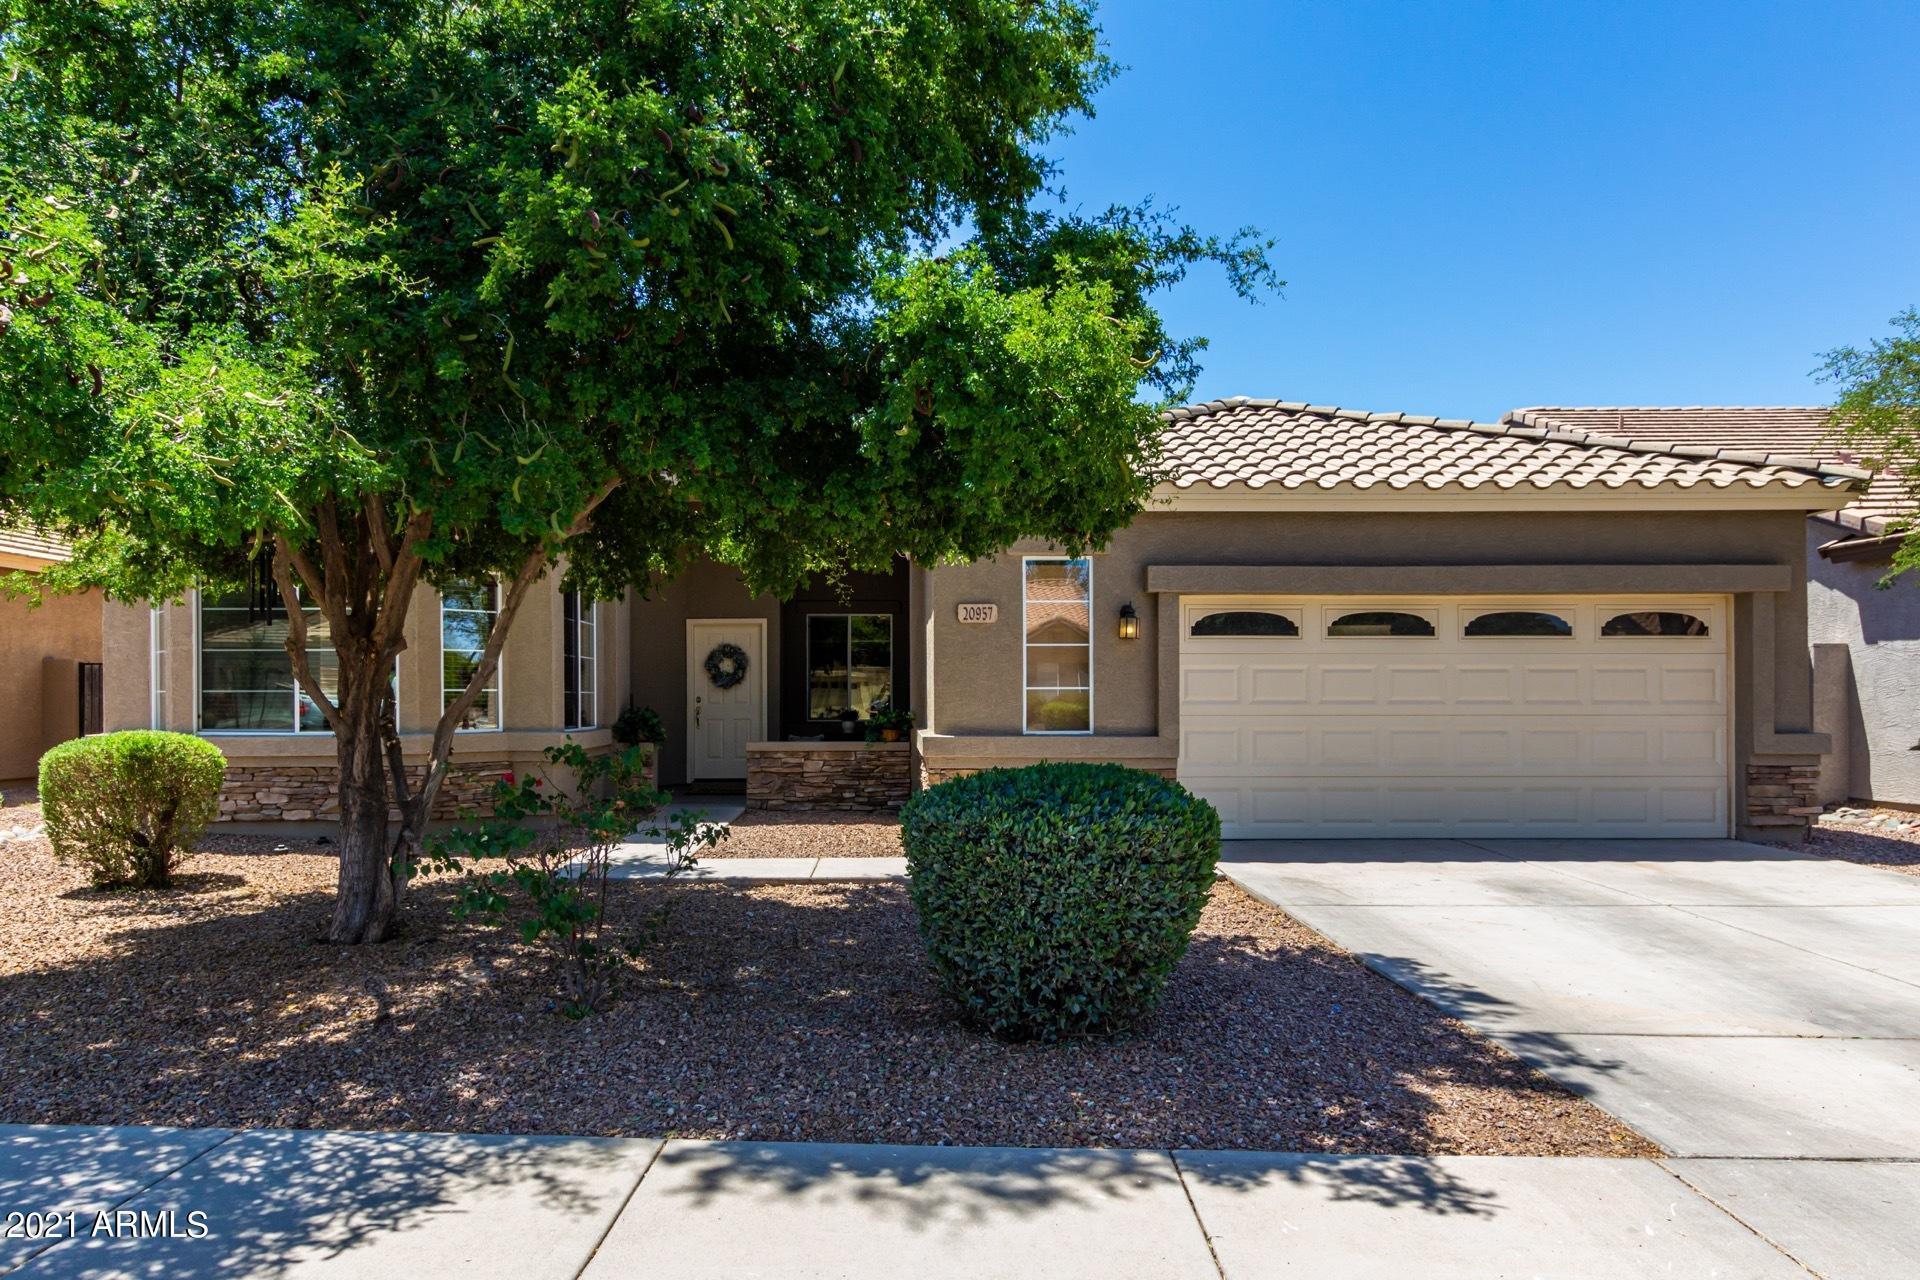 20957 VIA DEL RANCHO --, Queen Creek, Arizona 85142, 4 Bedrooms Bedrooms, ,2 BathroomsBathrooms,Residential,For Sale,VIA DEL RANCHO,6239052